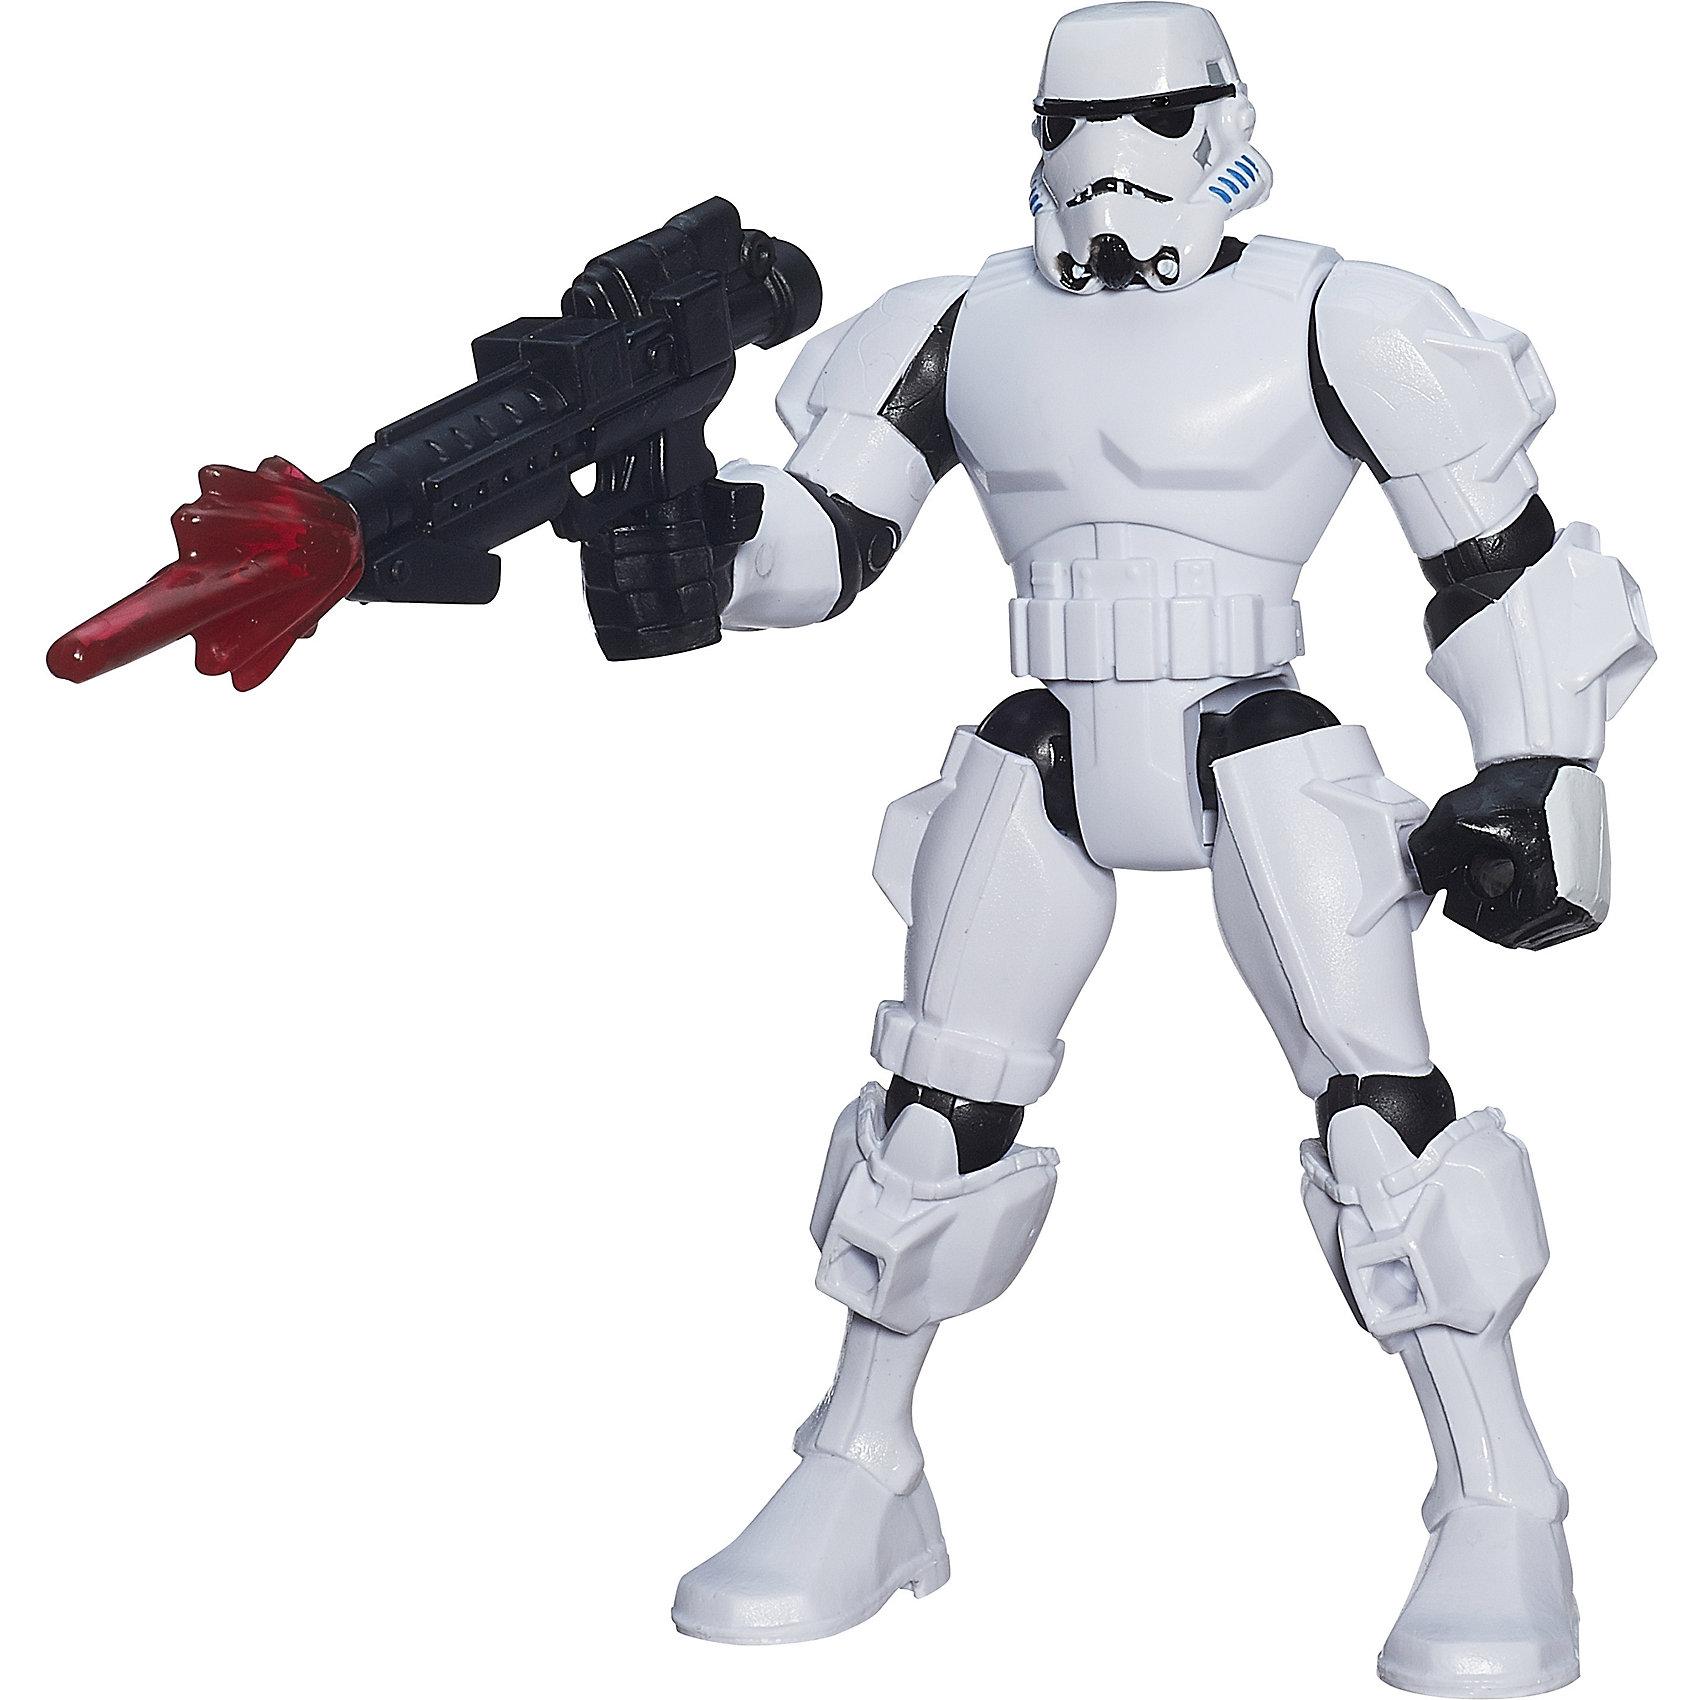 Разборная фигурка Звездный Воин, HEROMASHERSНевероятный способ игры с героями Star Wars Разбирай фигурки и собирай своего супергероя, объединяя способности разных героев Марвел. Фигурки высотой 15 см разбираются на составные элементы и сопровождаются дополнительным аксессуаром. Все элементы обладают единым способом крепления, чтобы создавать самые немыслимые комбинации.<br><br>Ширина мм: 213<br>Глубина мм: 152<br>Высота мм: 50<br>Вес г: 158<br>Возраст от месяцев: 48<br>Возраст до месяцев: 96<br>Пол: Мужской<br>Возраст: Детский<br>SKU: 4874337